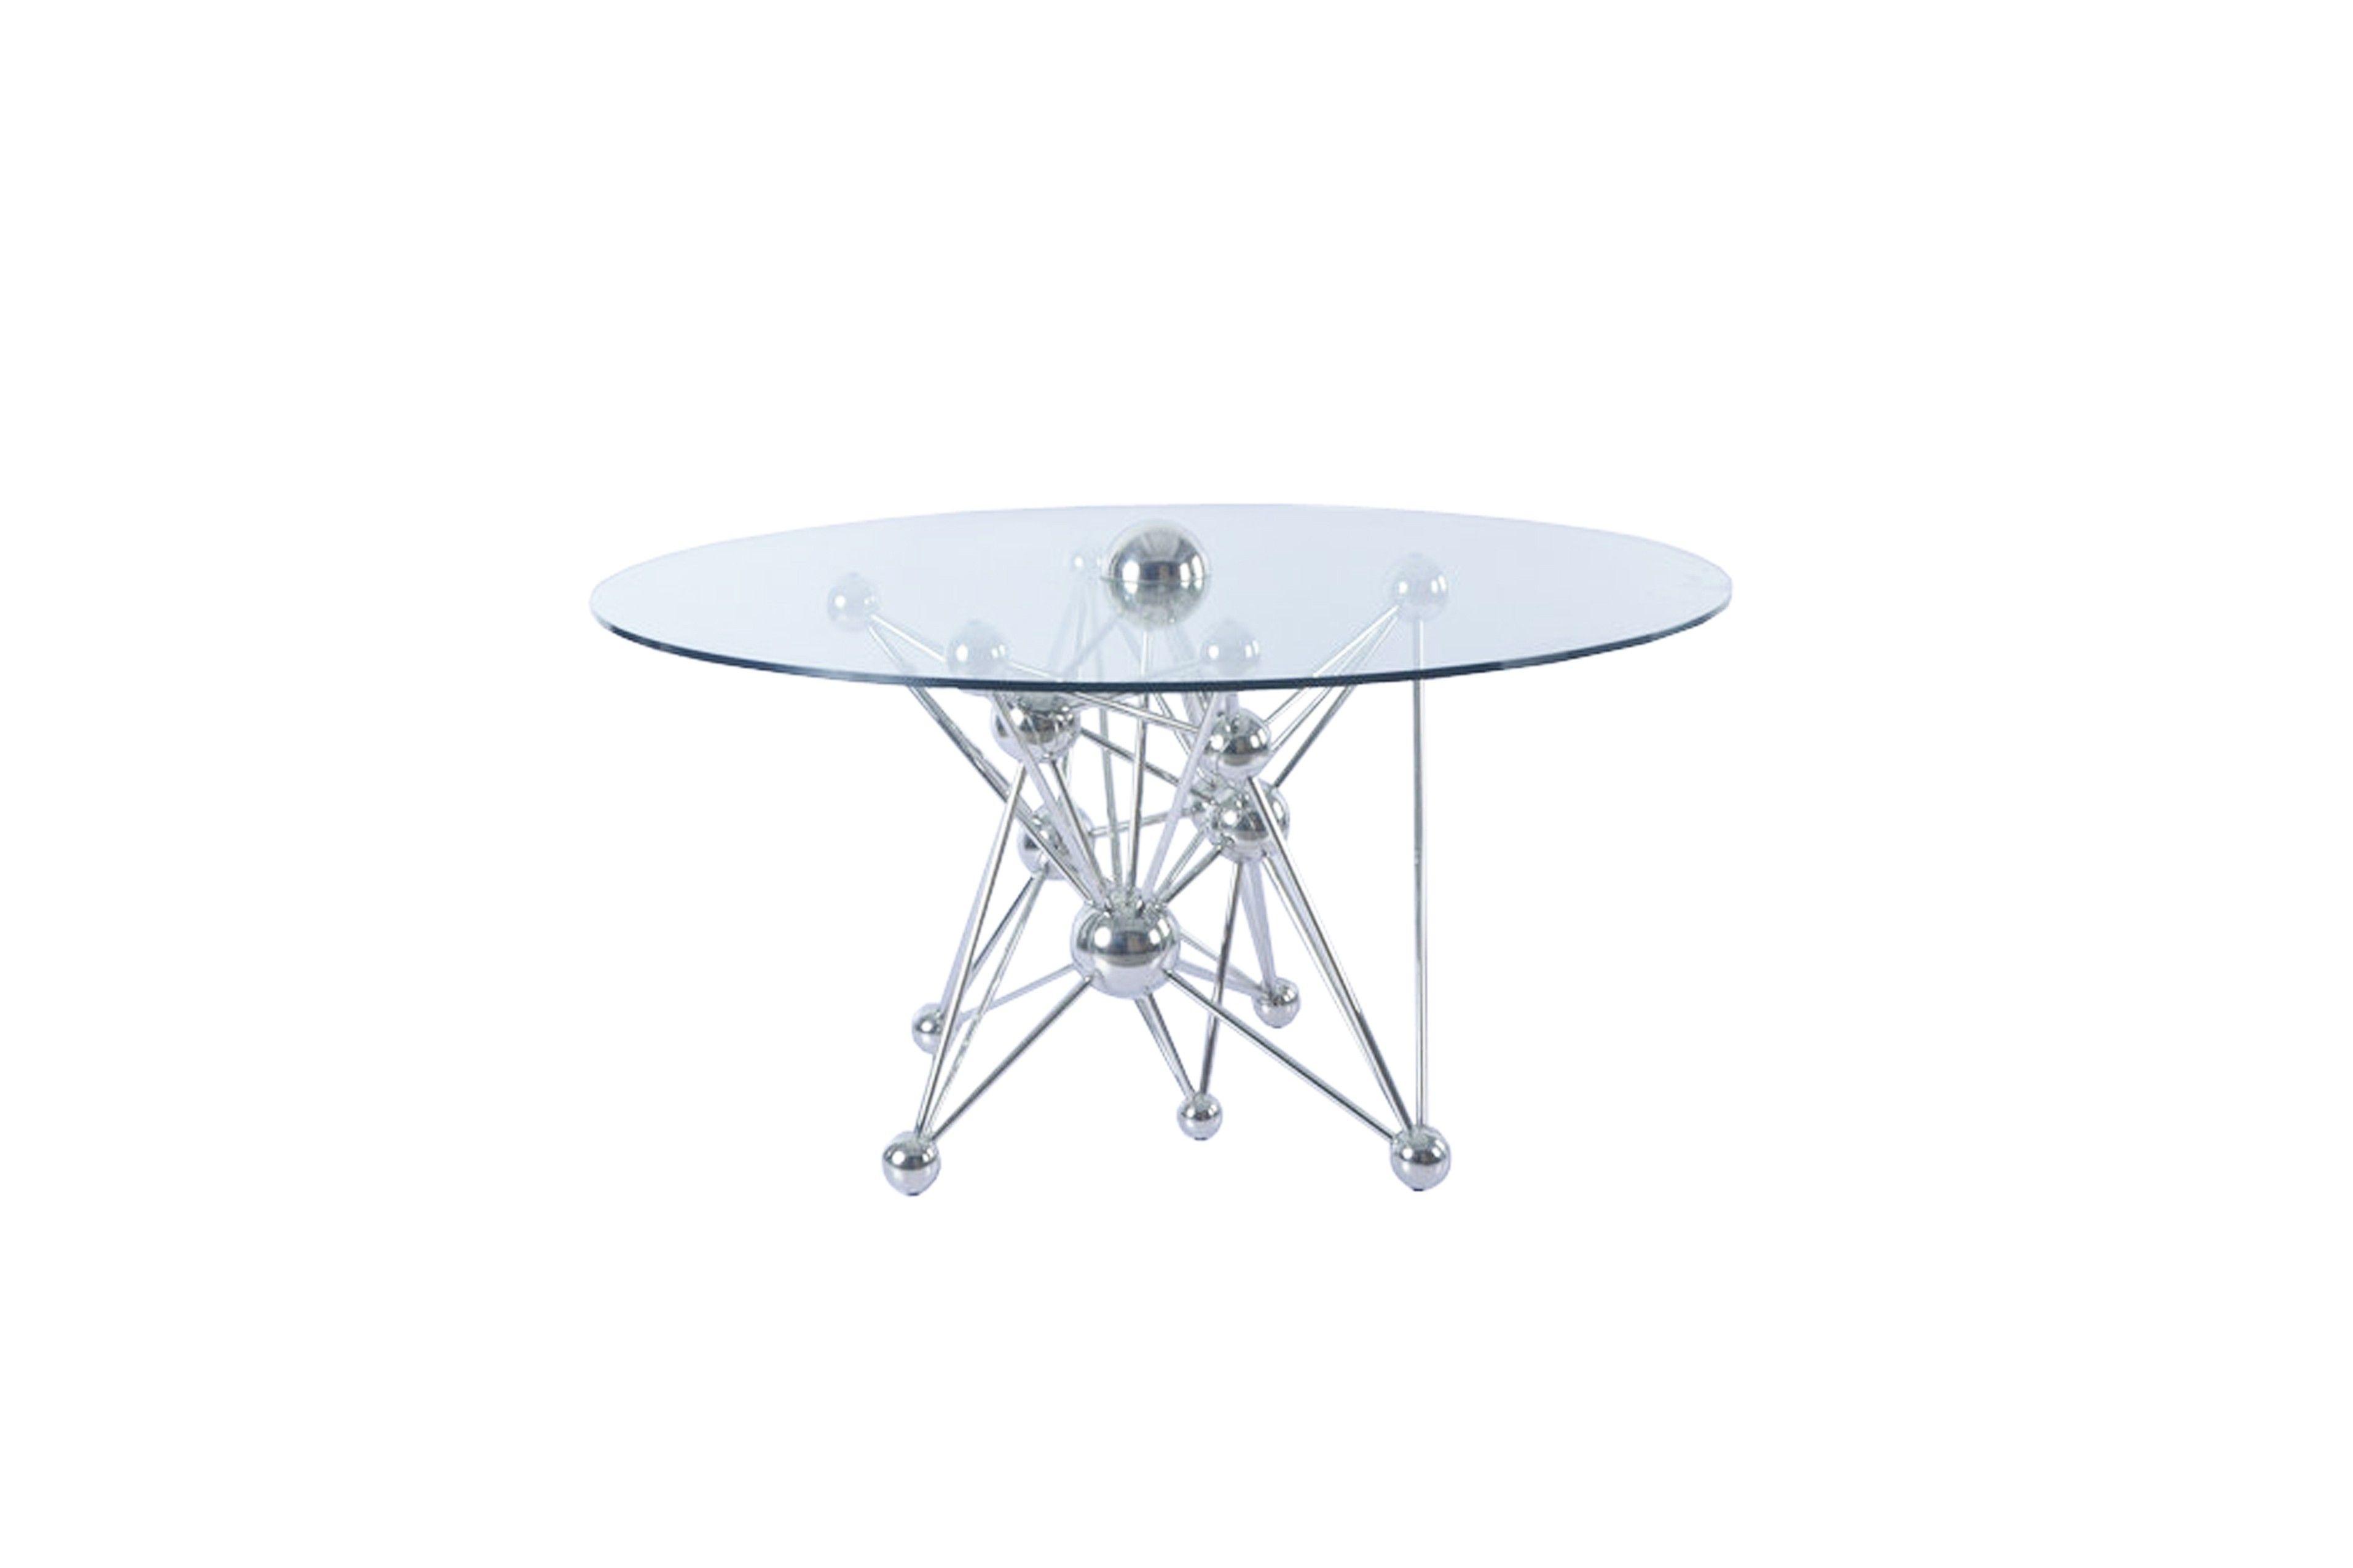 Glastisch Rund Mit Silber Tisch Gestell Runder Glastisch Kuche